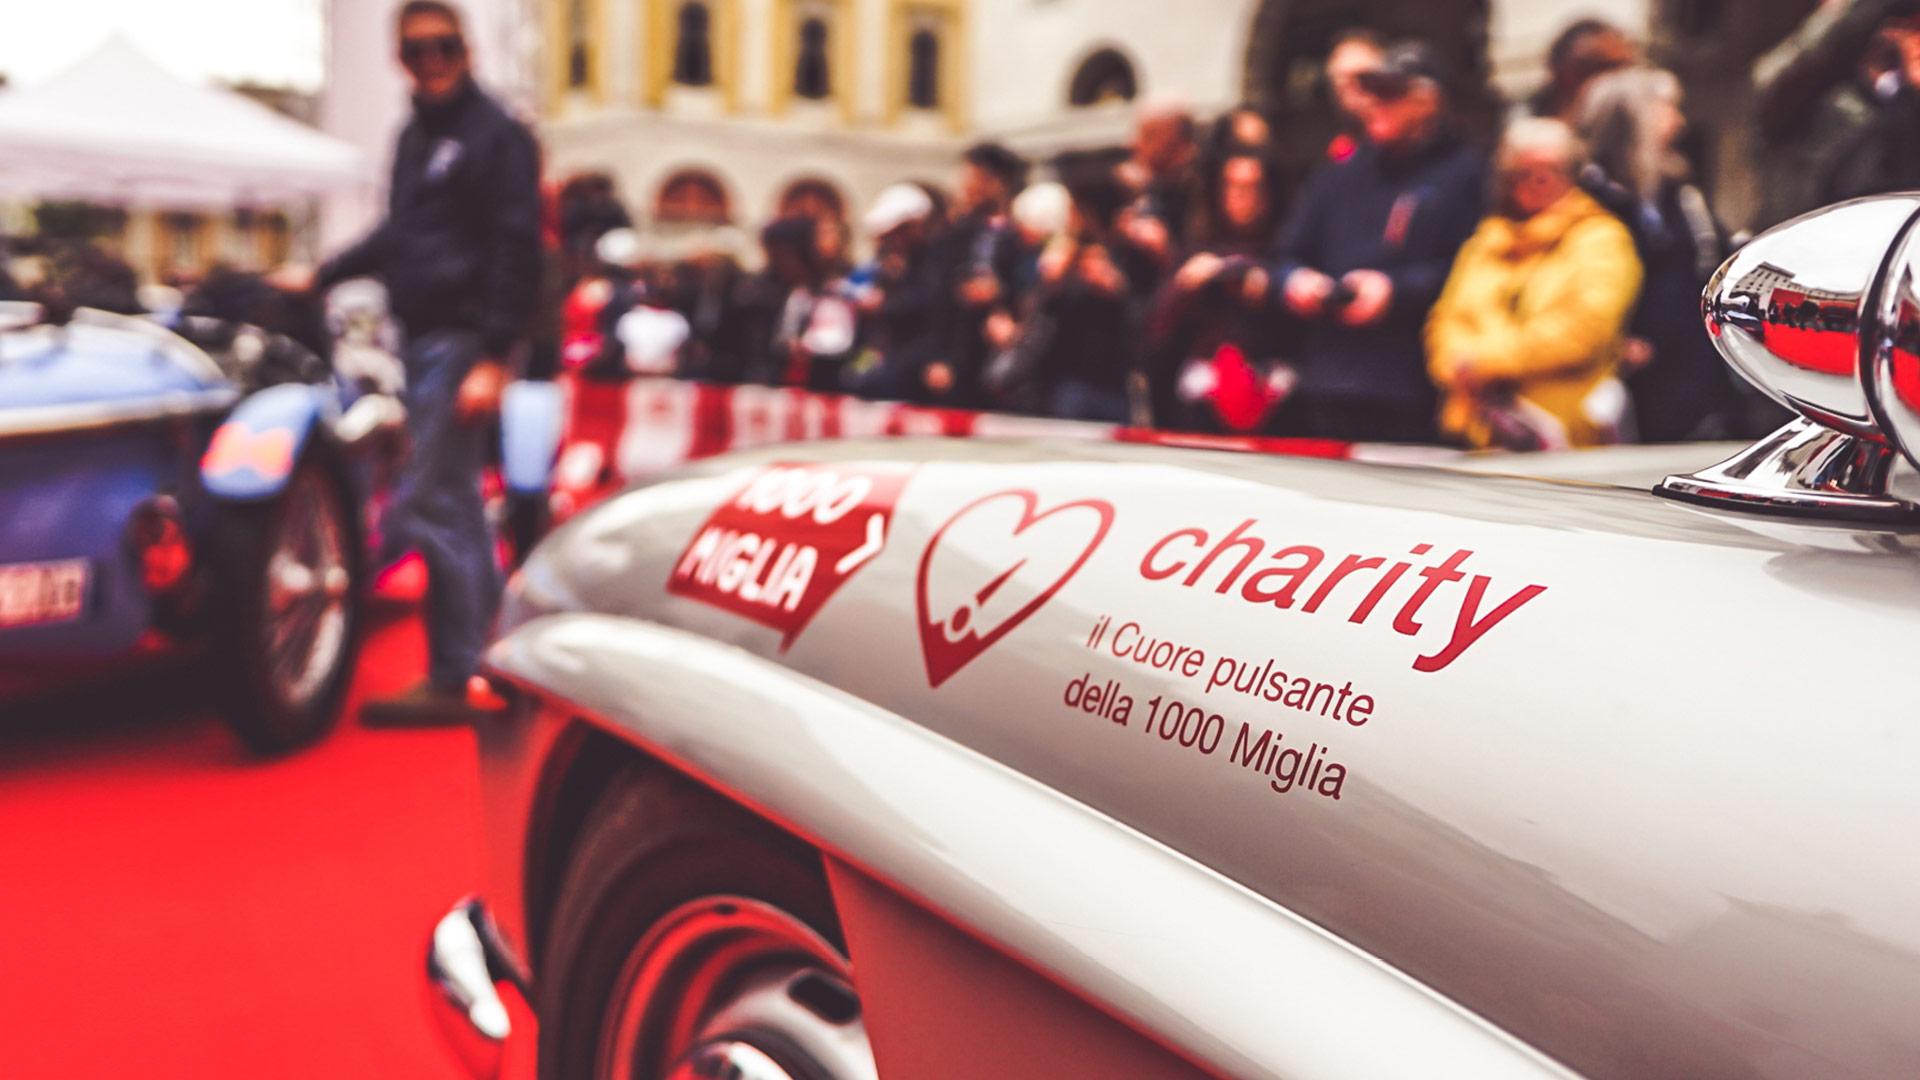 1000miglia charity